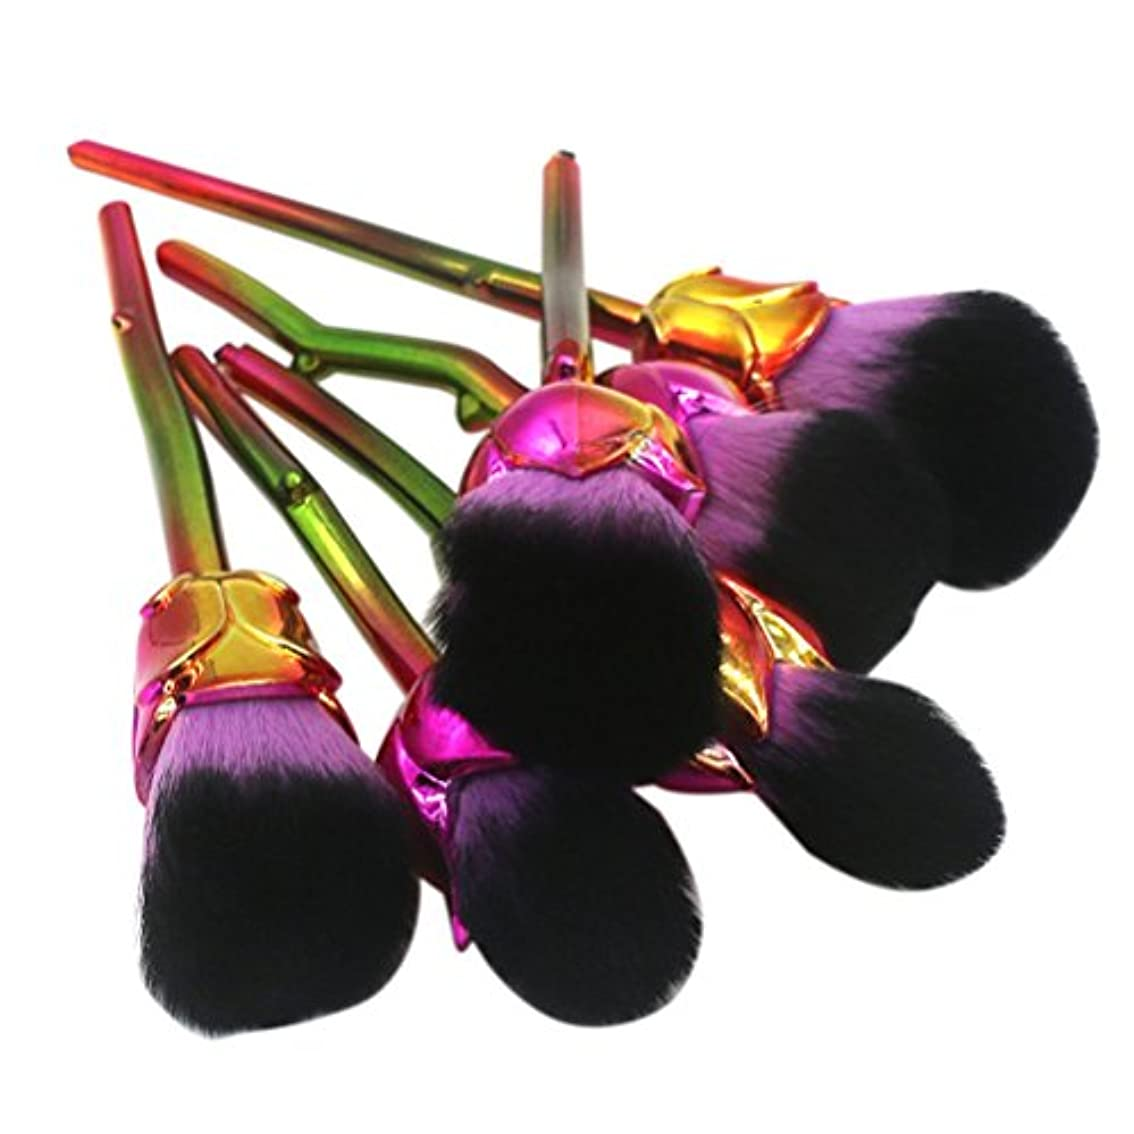 森林剪断支店ディラビューティー(Dilla Beauty) メイクブラシ 薔薇 メイクブラシセット 人気 ファンデーションブラシ 化粧筆 可愛い 化粧ブラシ セット パウダーブラシ フェイスブラシ ローズ メイクブラシ 6本セット ケース付き (パープル)